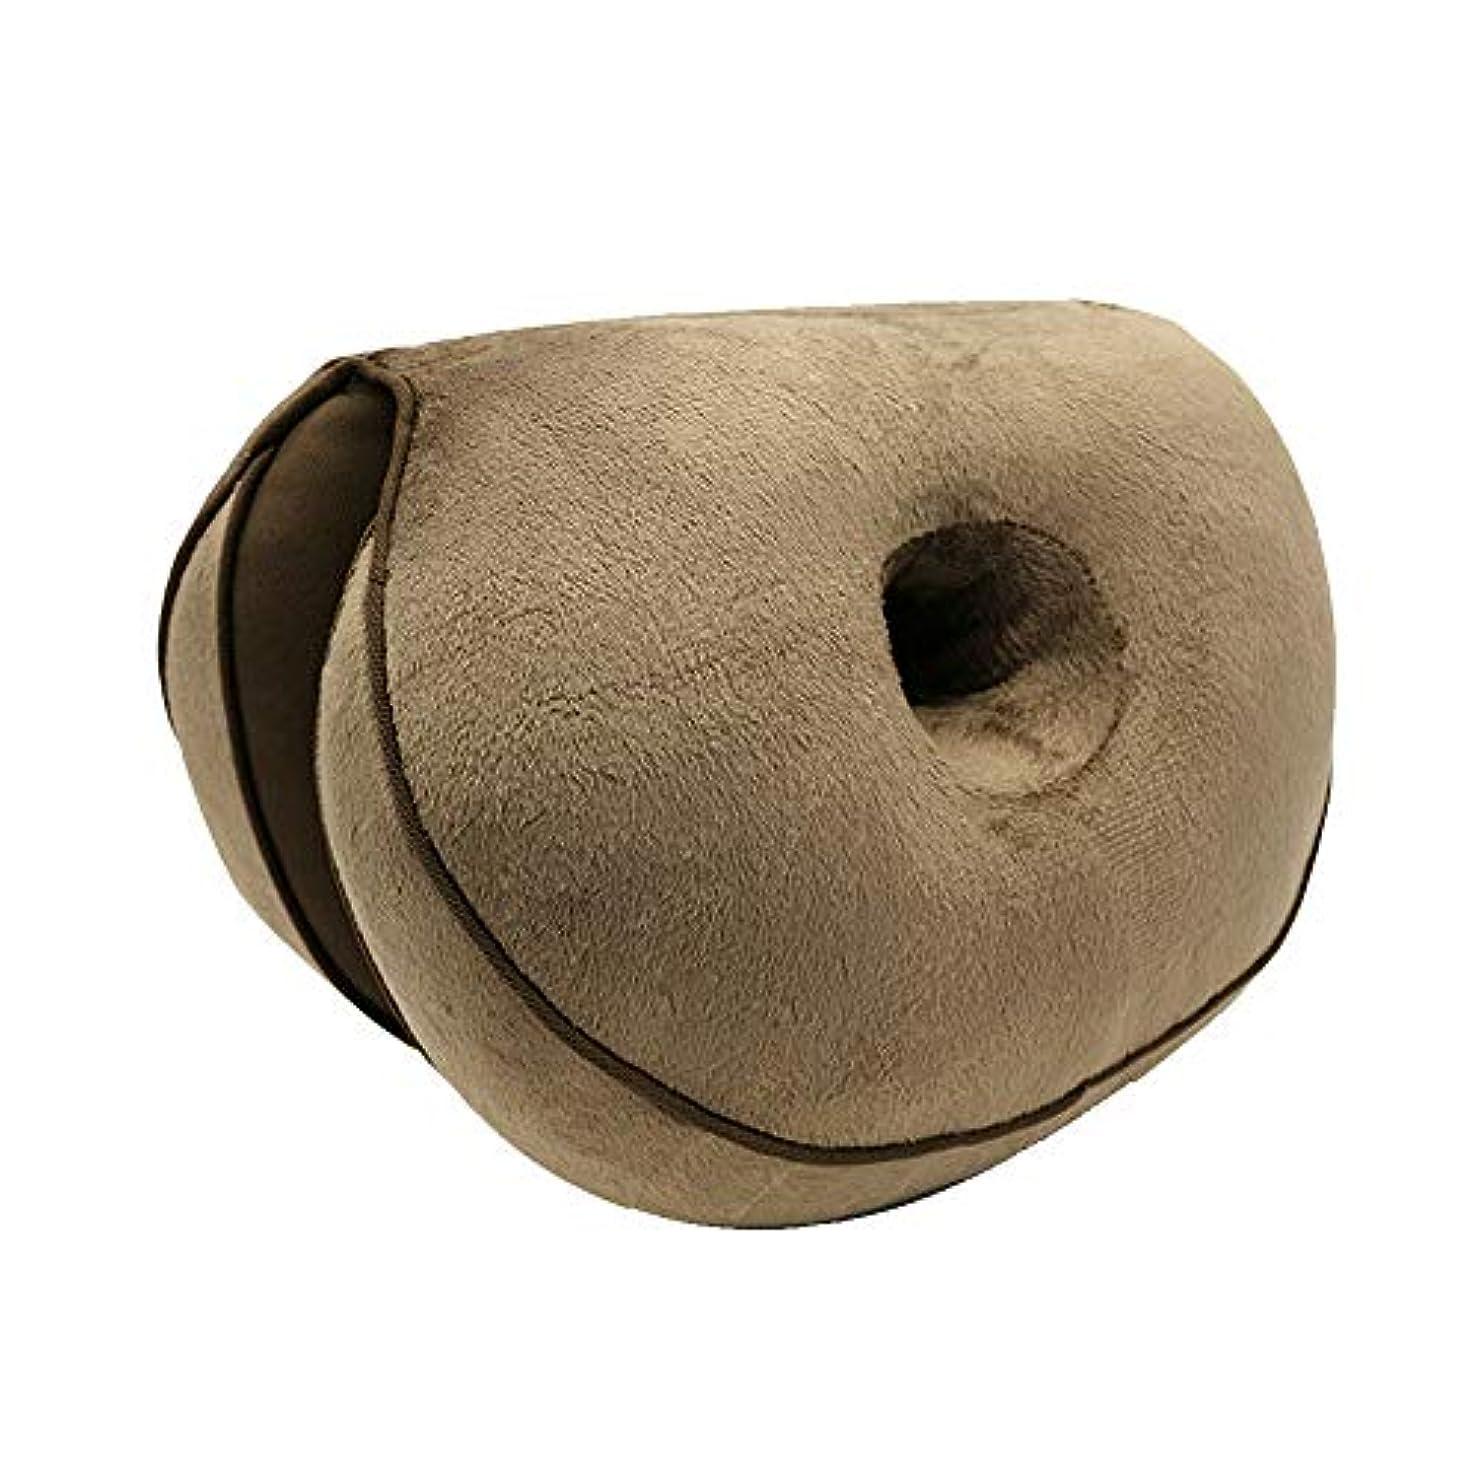 黙認する検証理想的にはLIFE 新デュアルシートクッション低反発ラテックスオフィスチェアバックシートクッション快適な臀部マットパッド枕旅行枕女性女の子 クッション 椅子